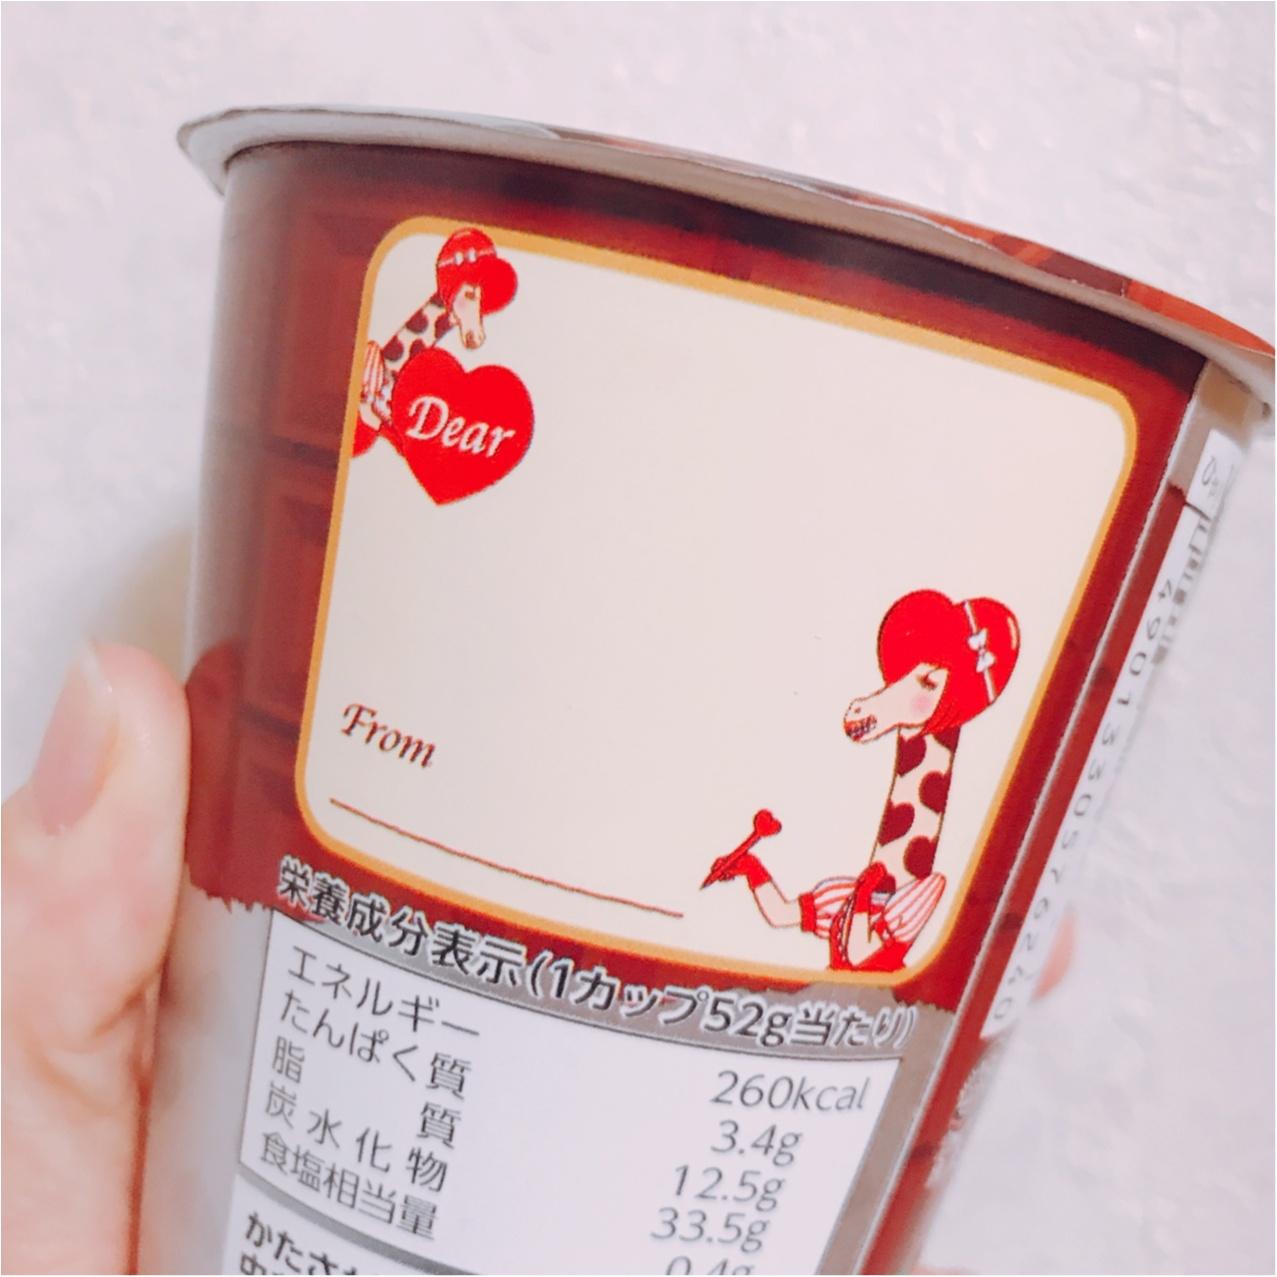 【1月6日新発売♪】セブンイレブン限定!「じゃがりこ」にチョコ味が登場♡_3